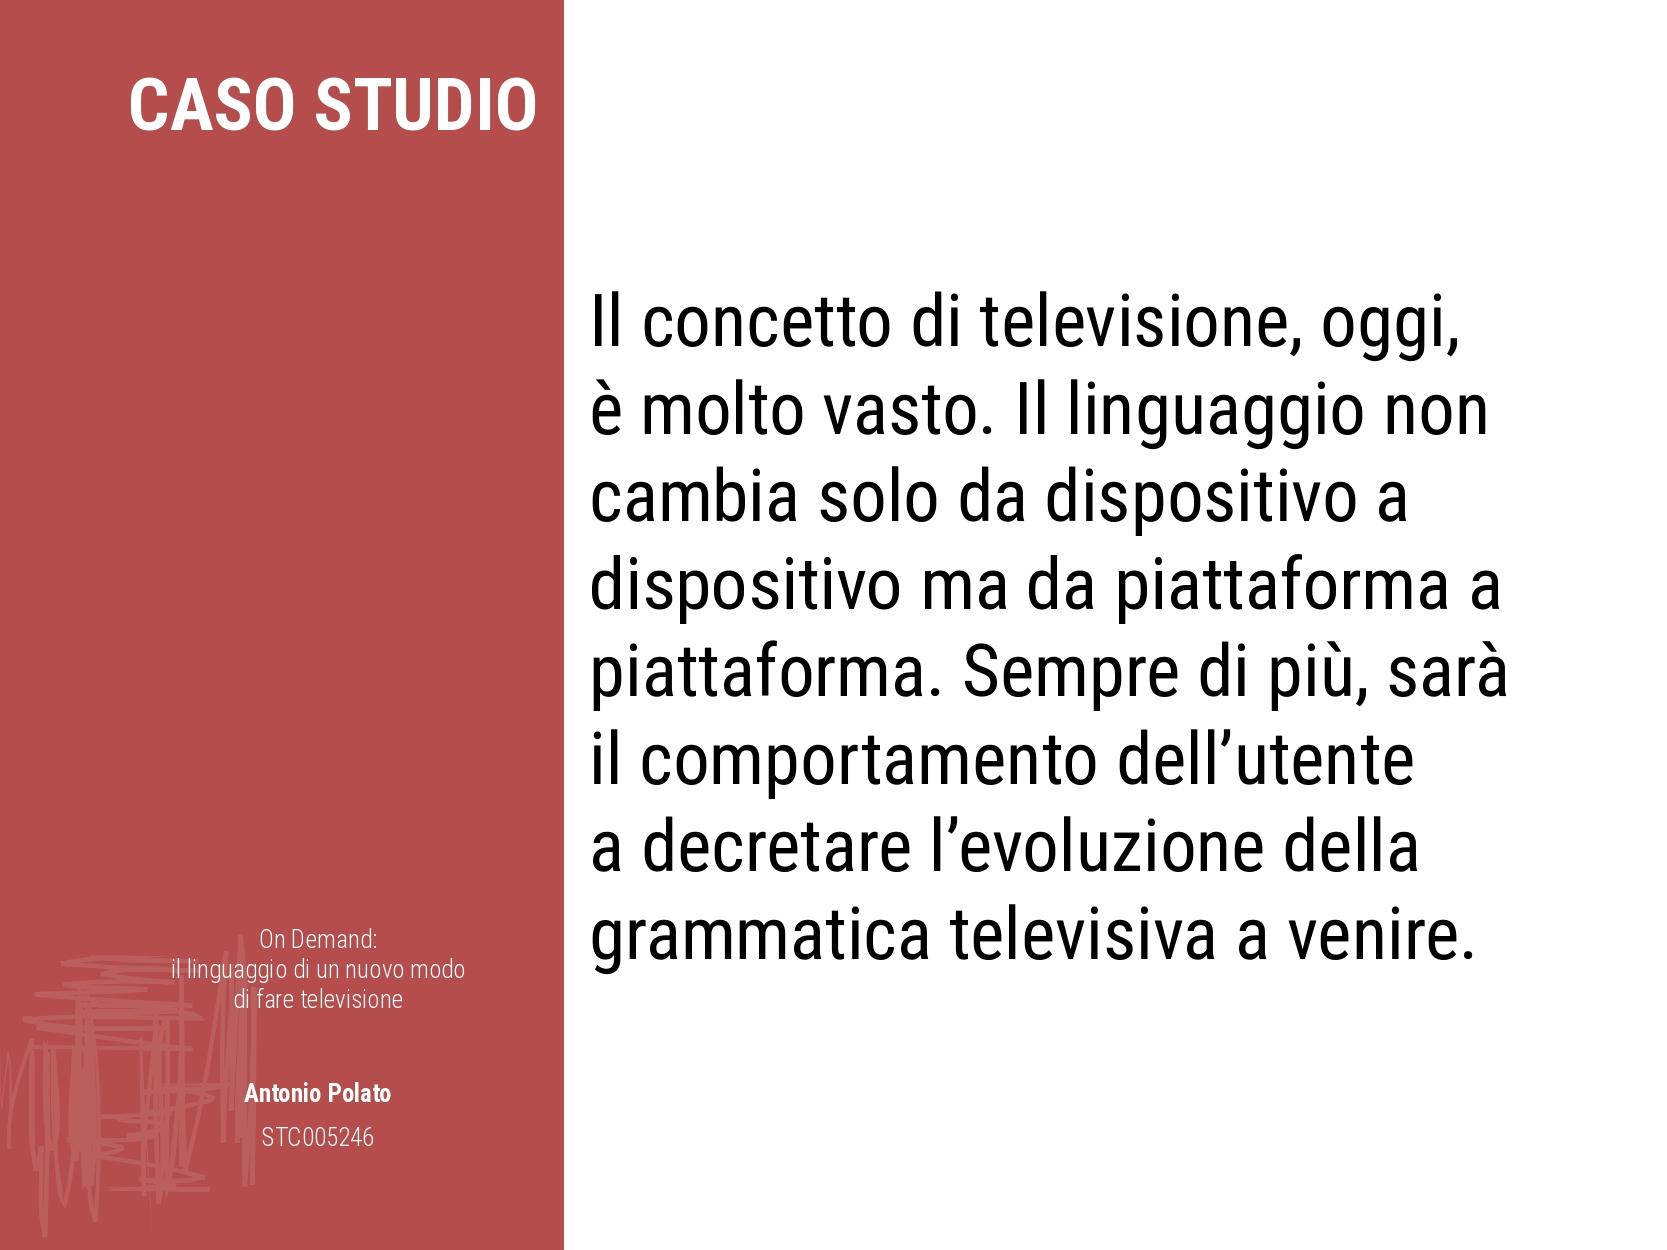 On demand il linguaggio di un nuovo modo di fare la televisione Antonio Polato televisione oggi